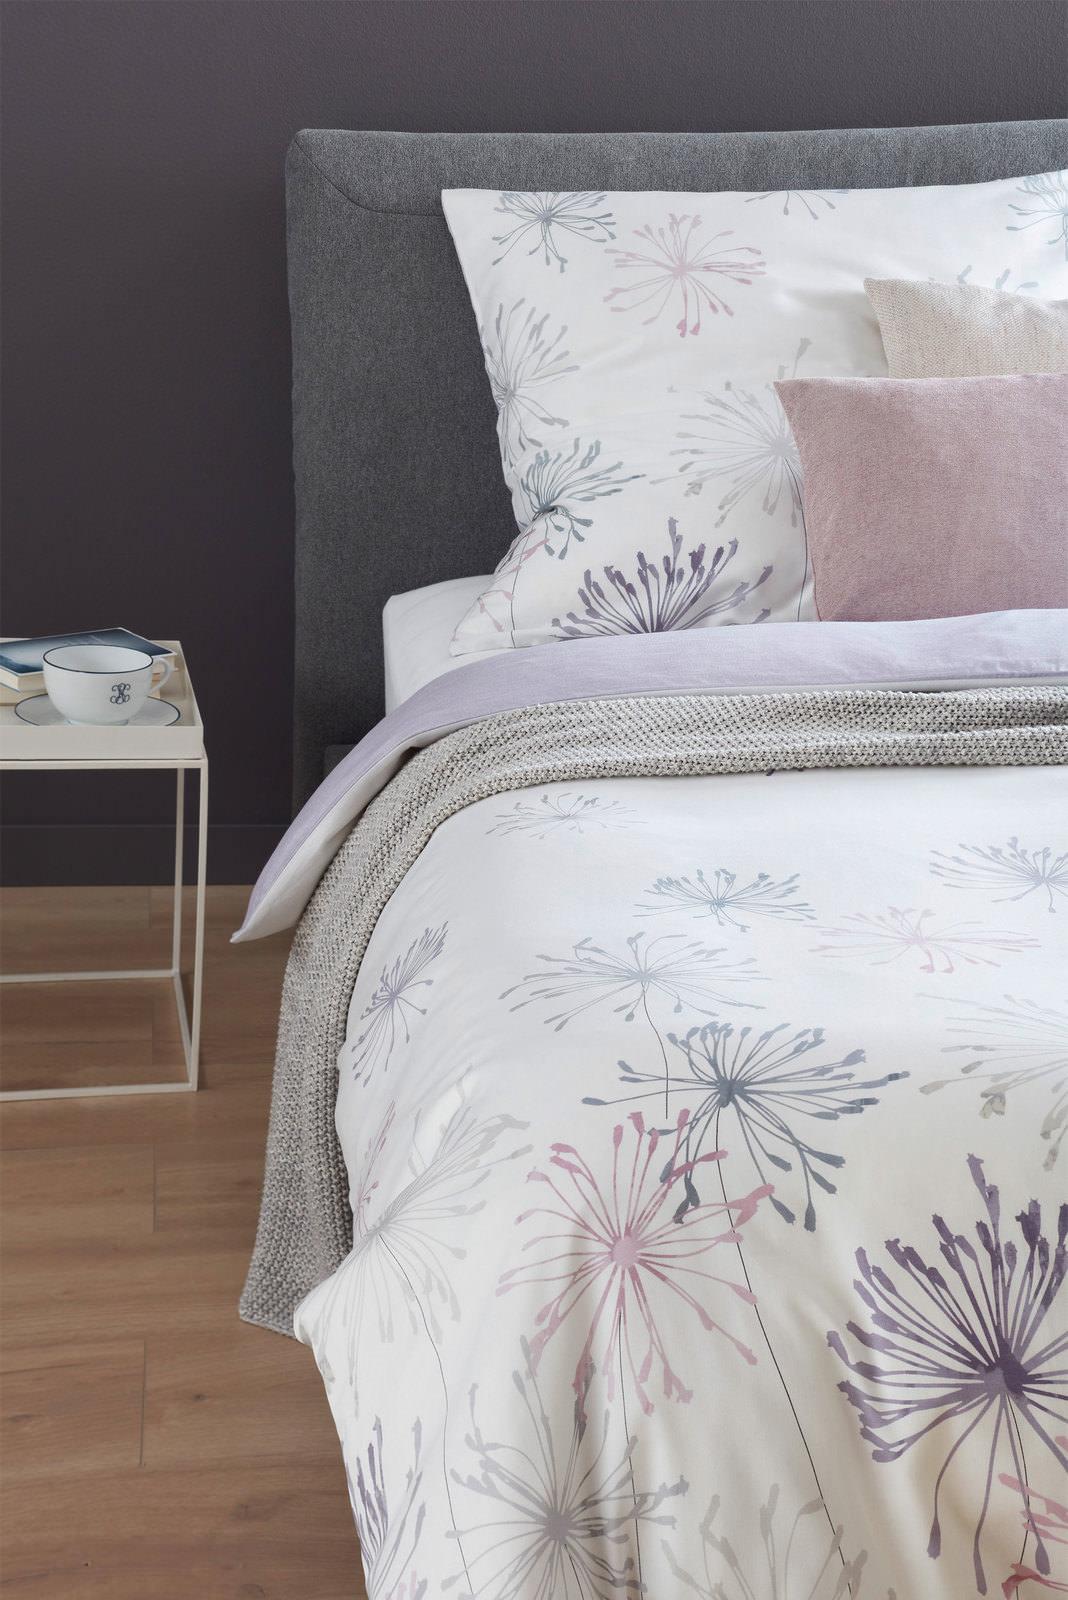 sch ner wohnen sch ner wohnen bettw sche online entdecken schaffrath ihr m belhaus. Black Bedroom Furniture Sets. Home Design Ideas